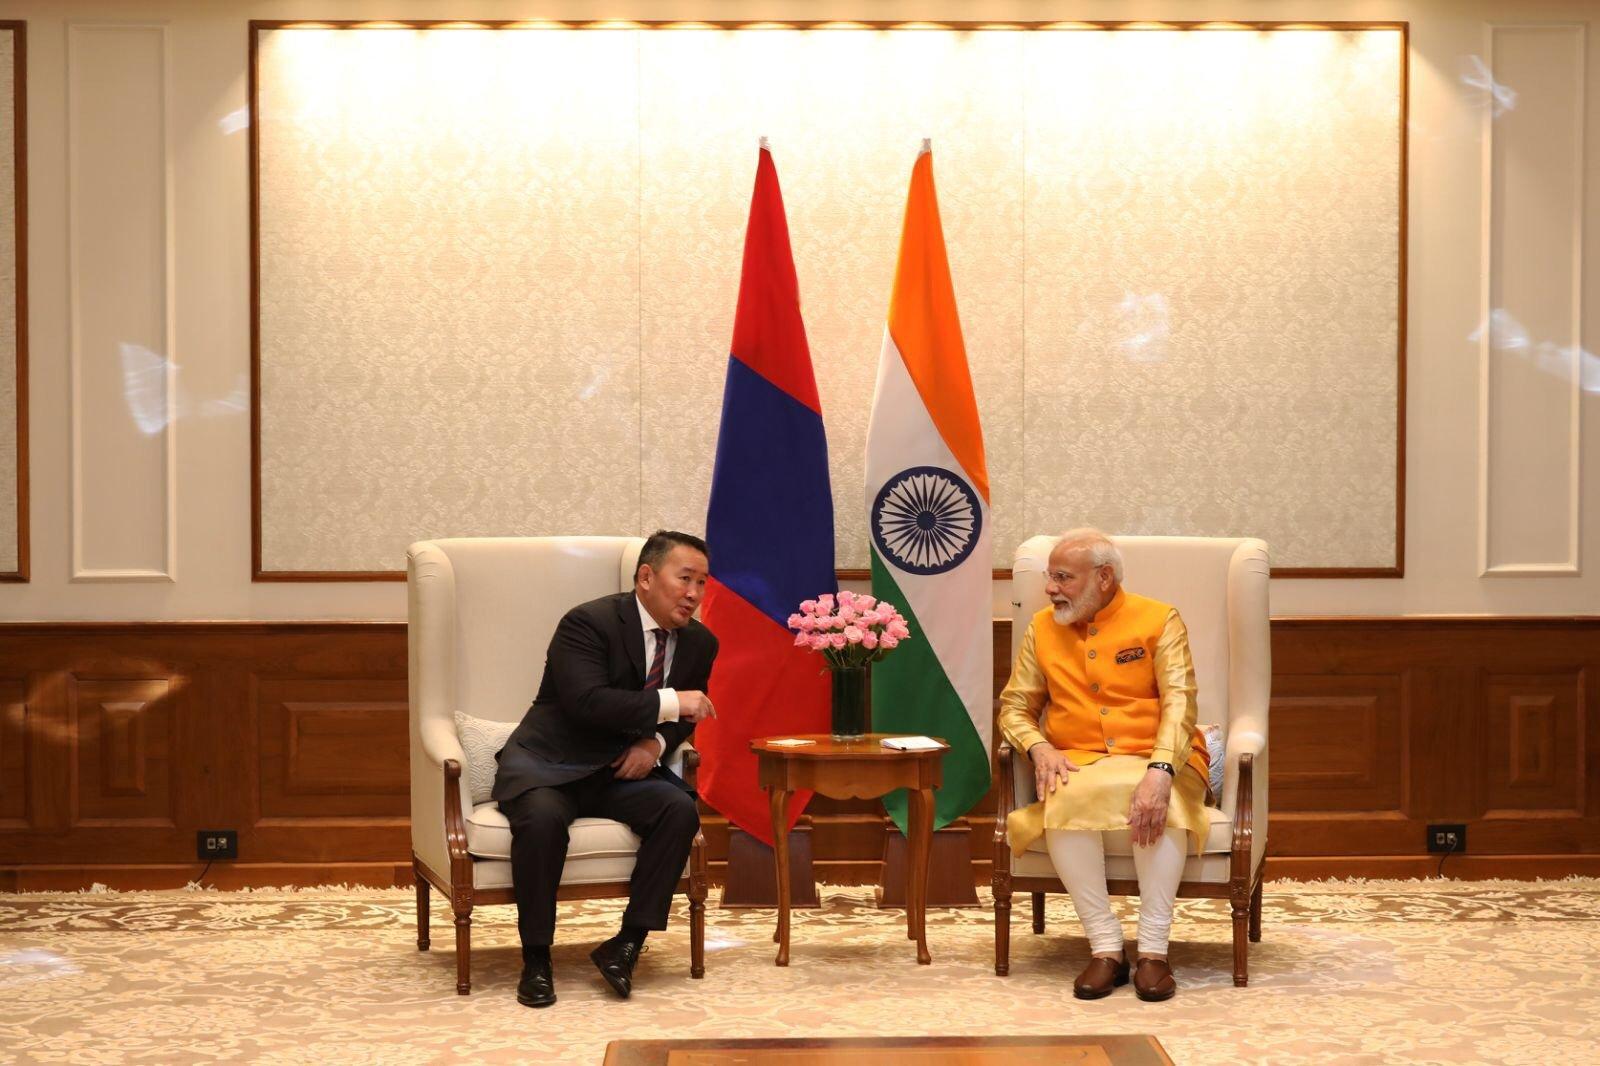 Ерөнхийлөгч Х.Баттулга, Бүгд Найрамдах Энэтхэг улсын Ерөнхий сайд Нарендра Моди нар уулзлаа